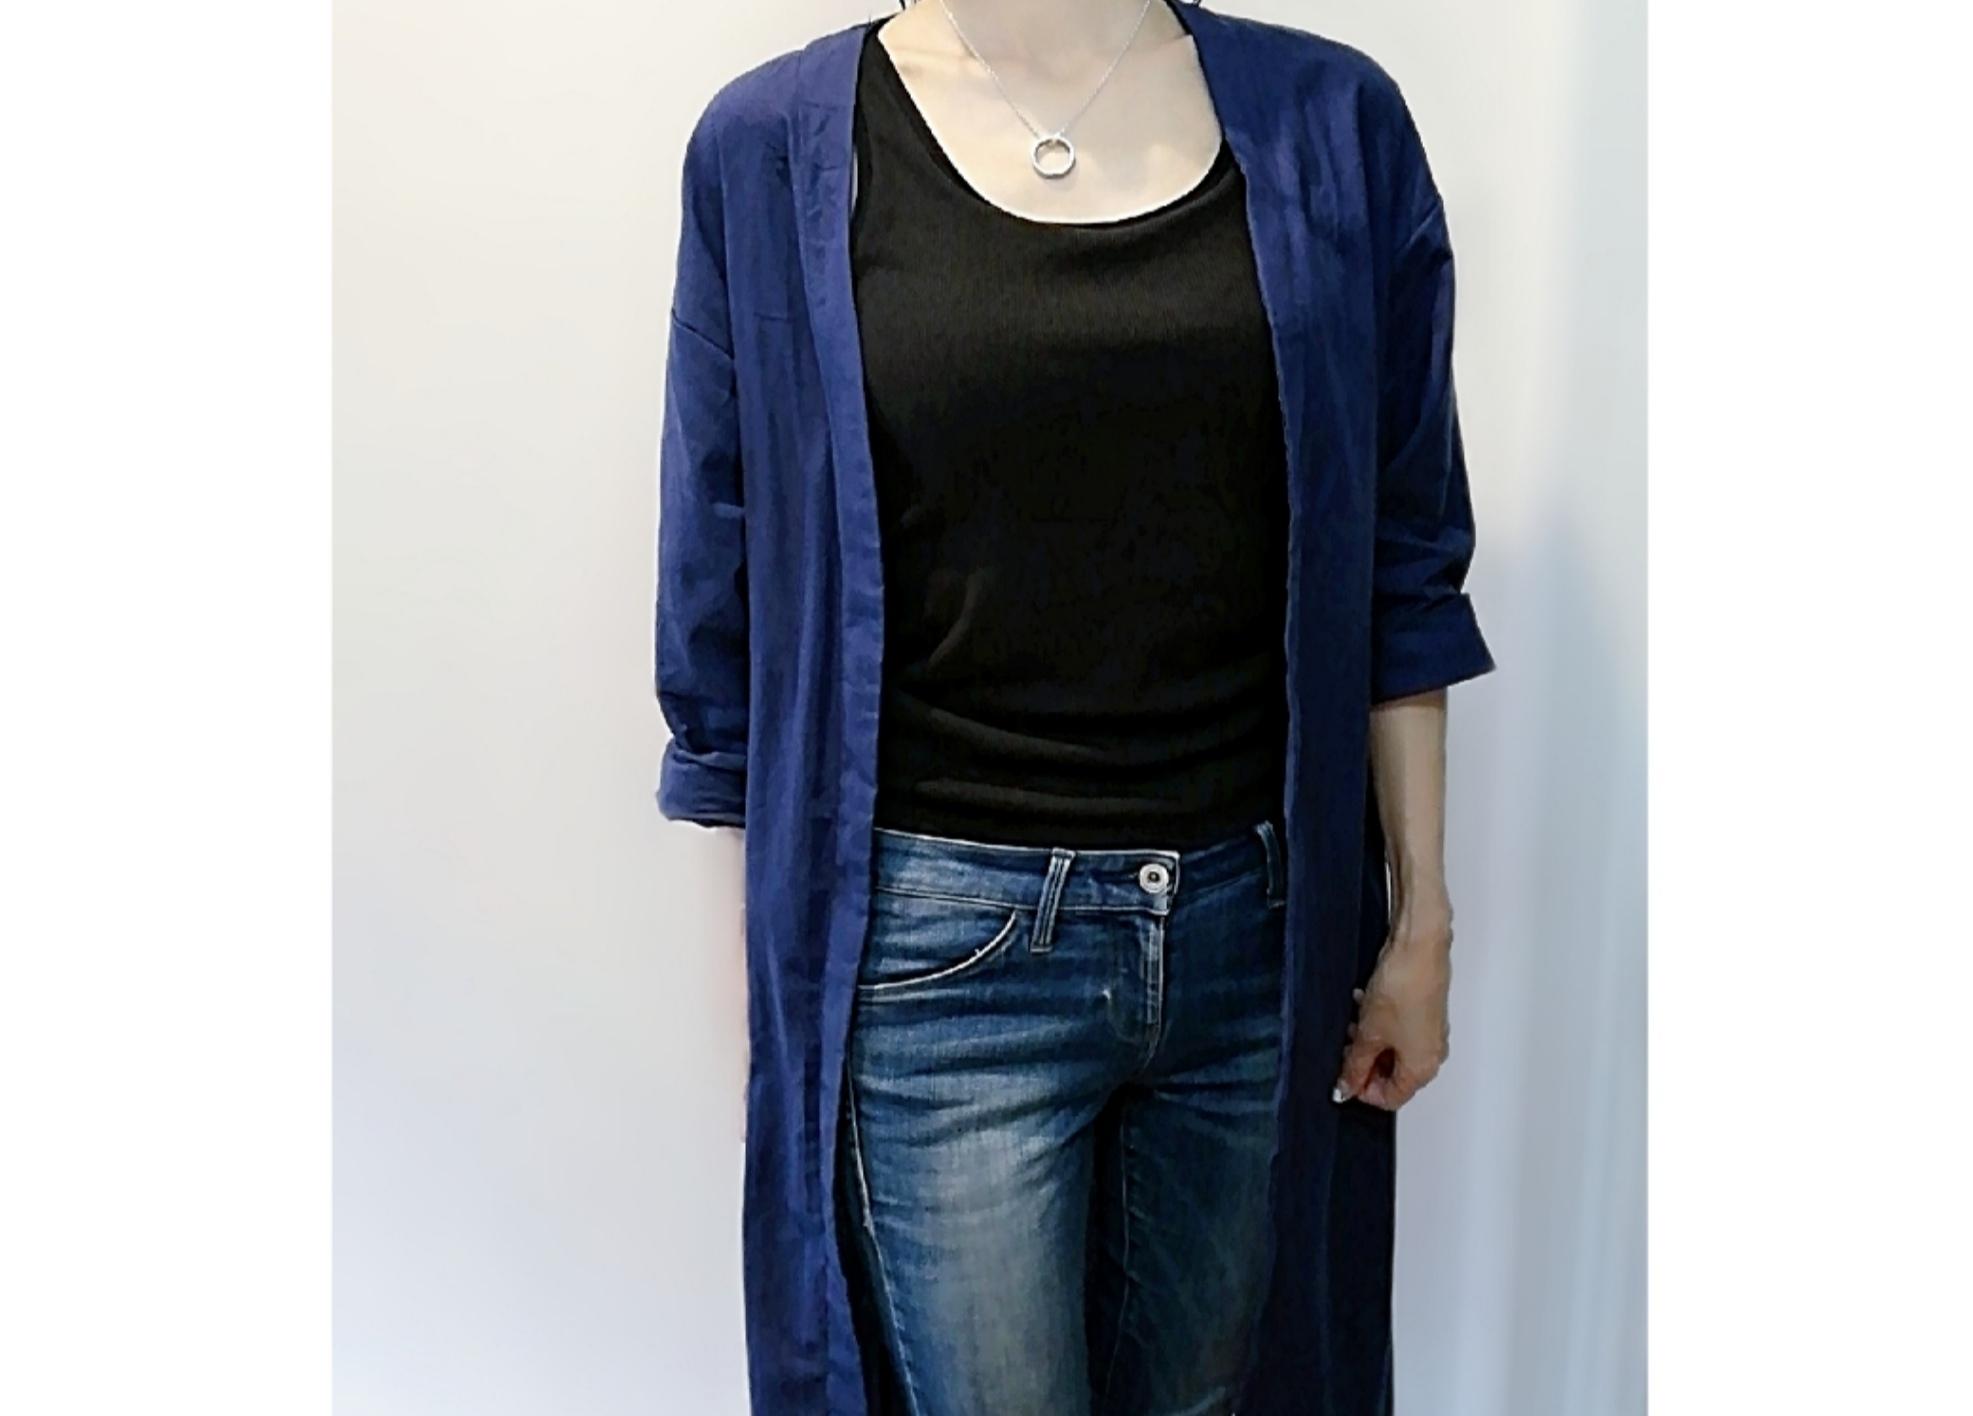 秋ファッションへのスイッチアイテムにピッタリ!!【タイドバイ】で綿麻トレンチコートを見つけました